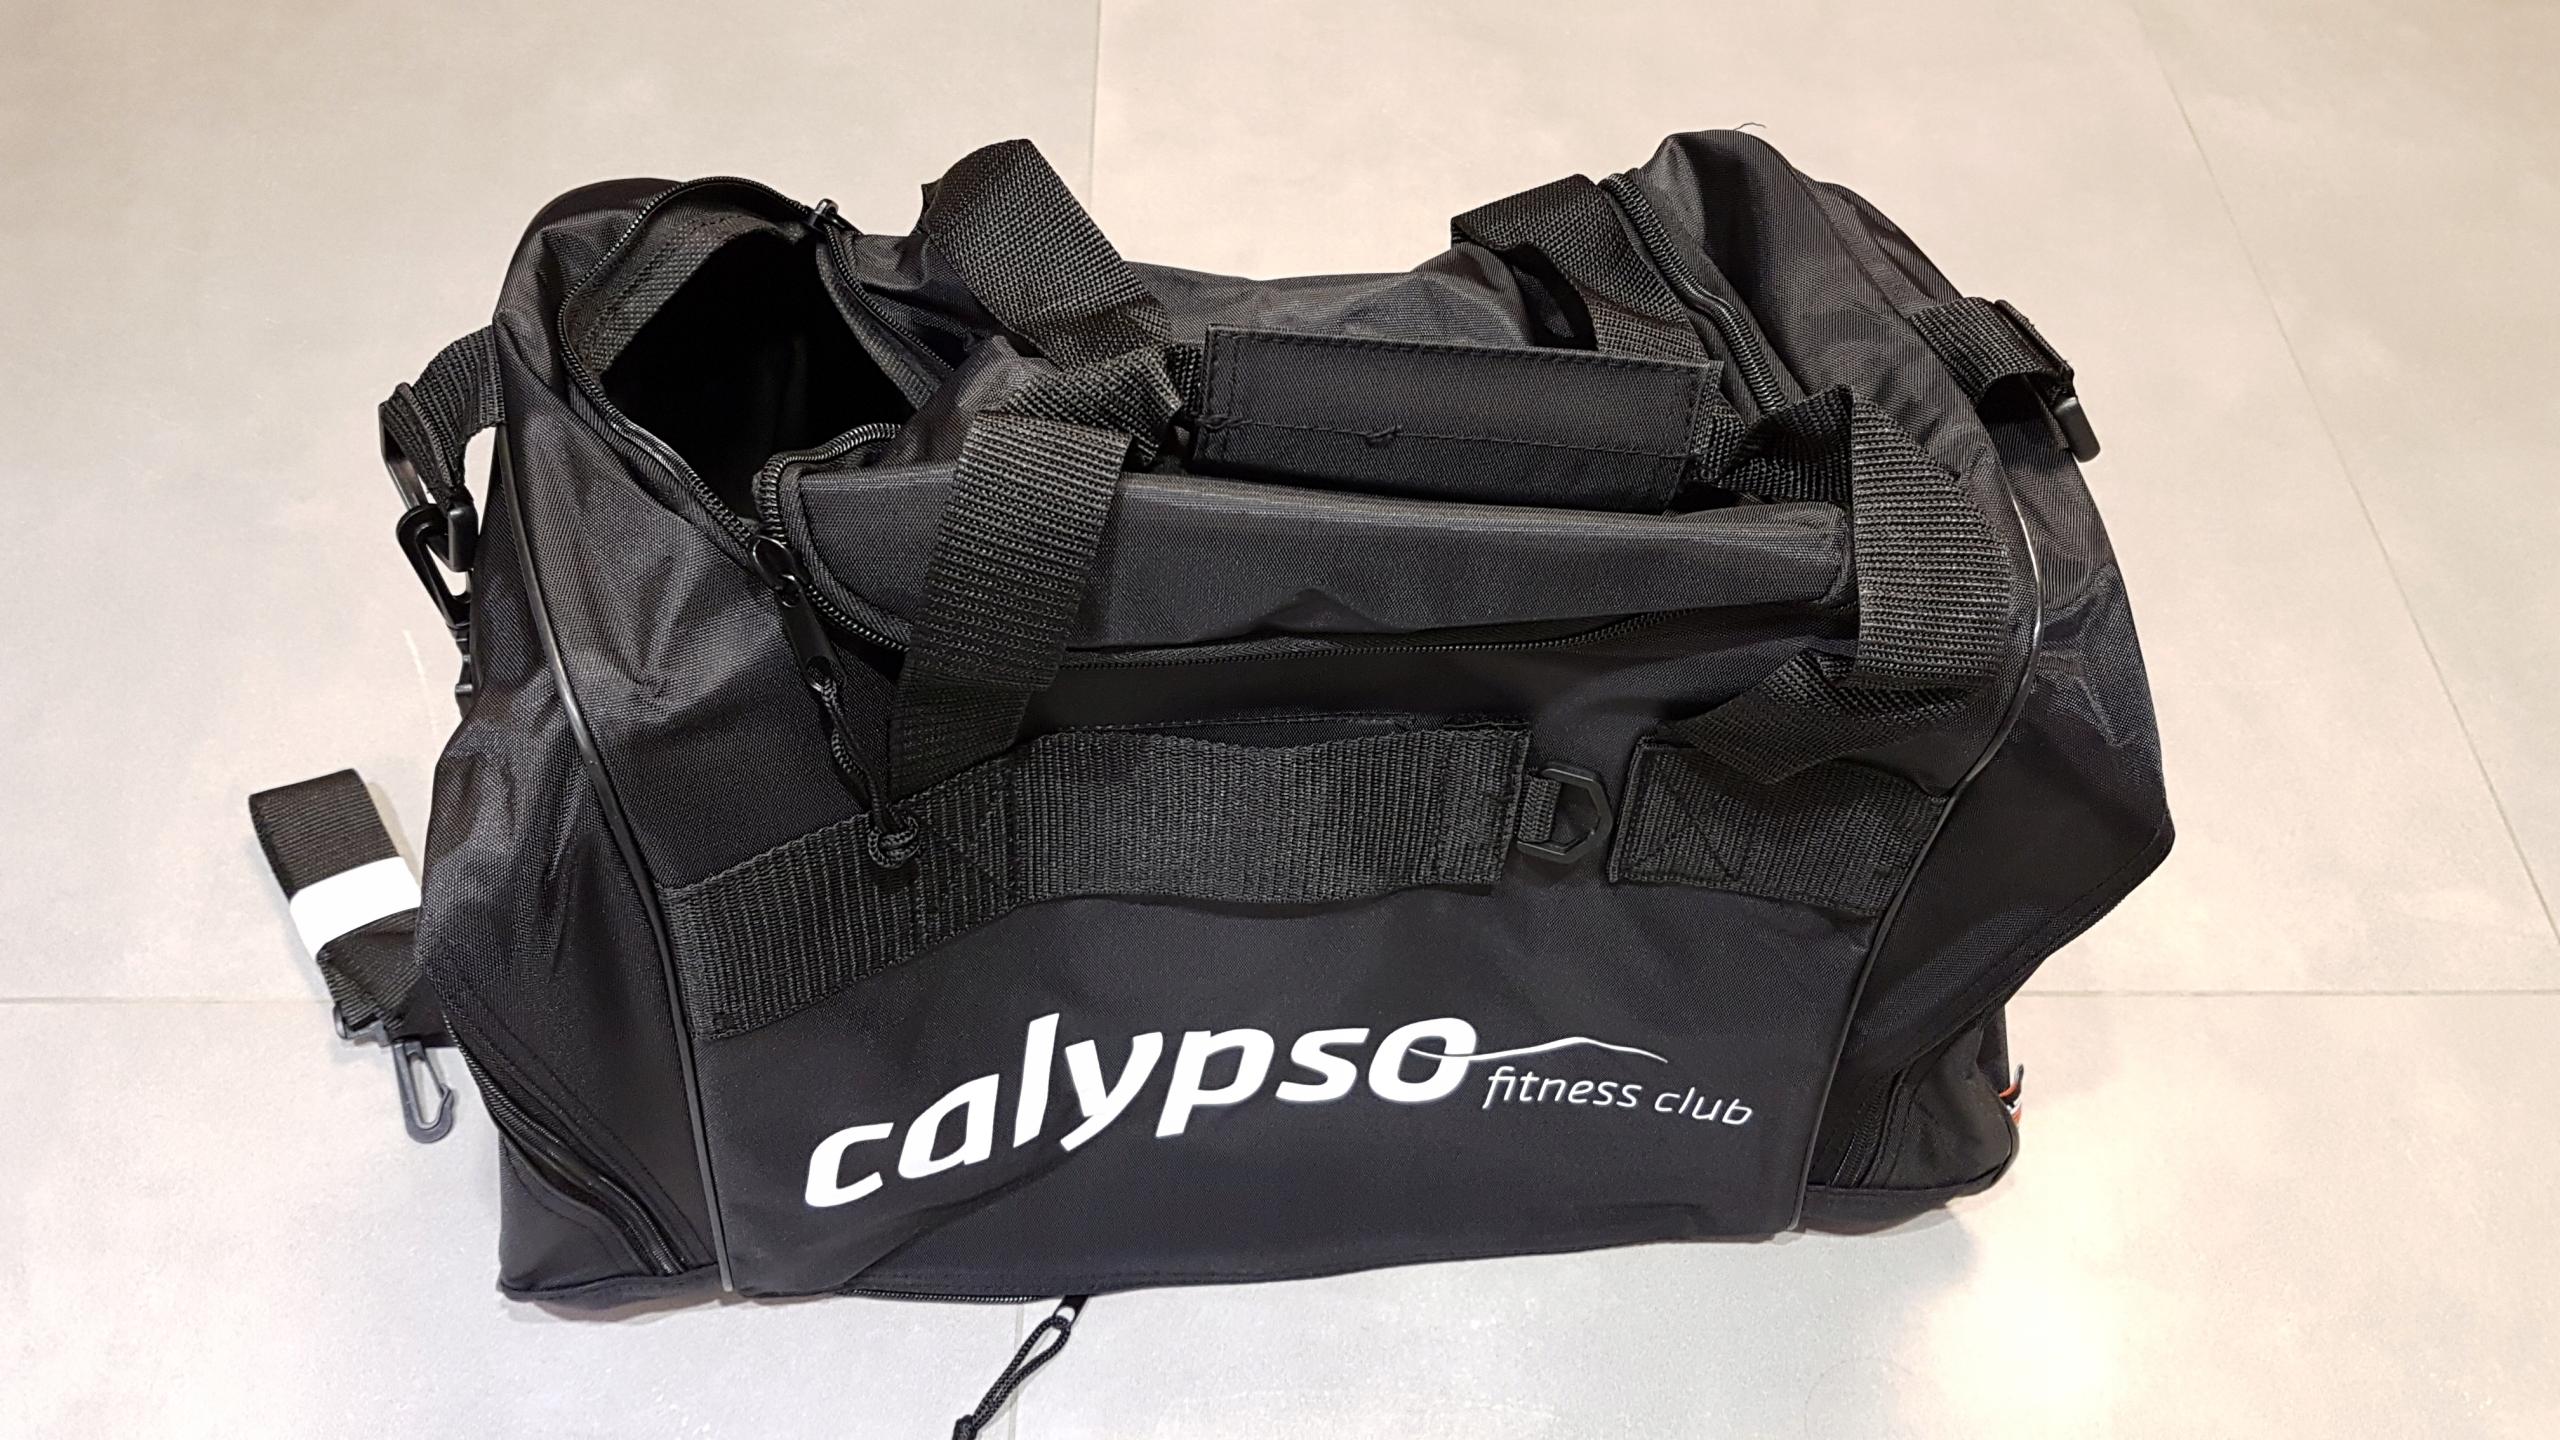 f5fa4aa19086f Torba sportowa treningowa Calypso fitness - 7792876121 - oficjalne ...